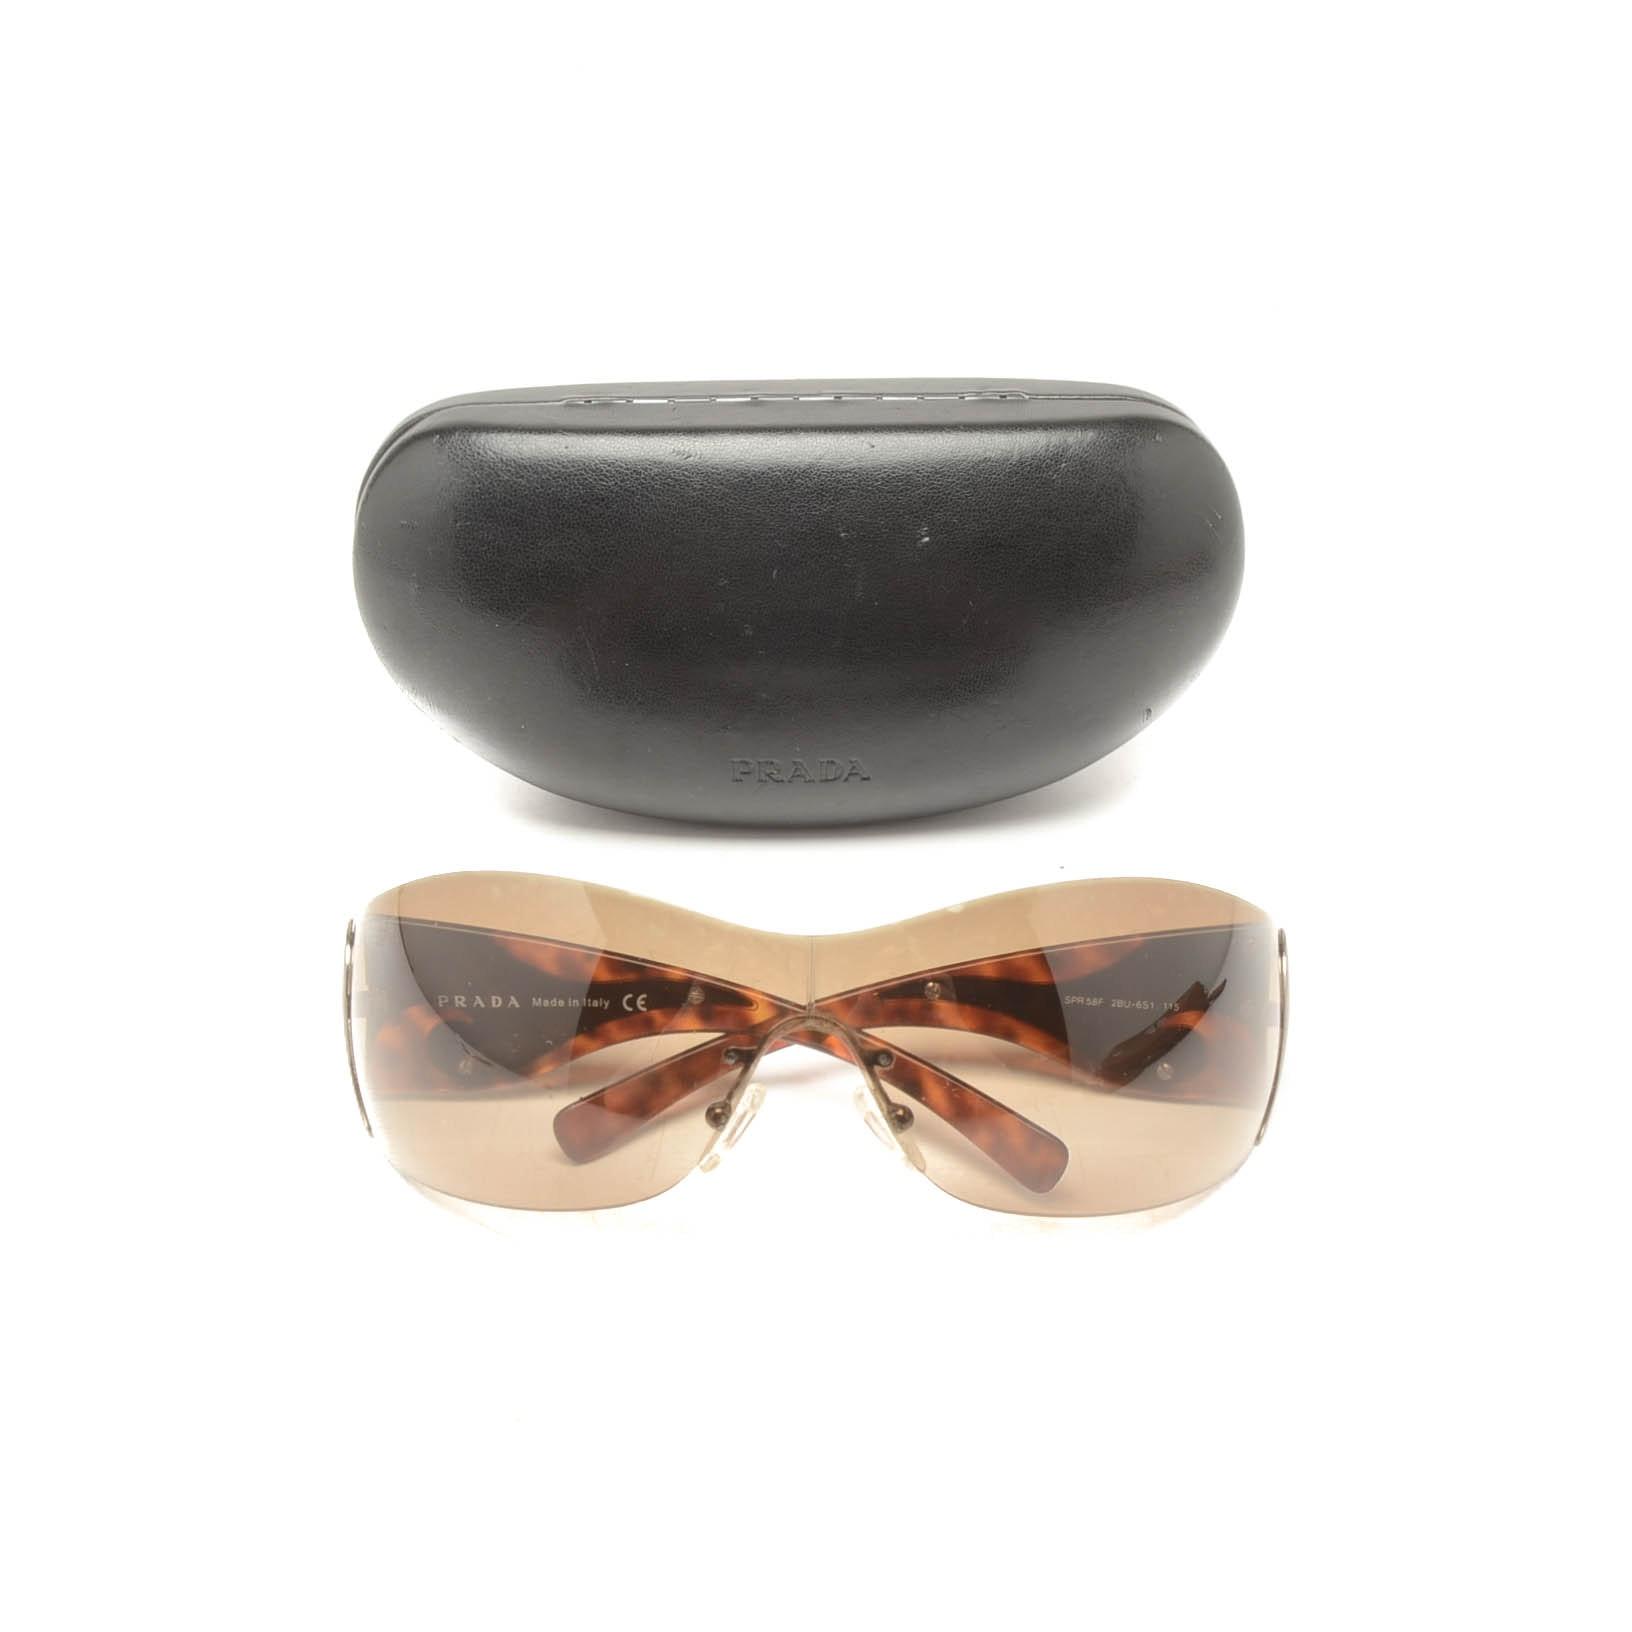 Prada Wrap Sunglasses